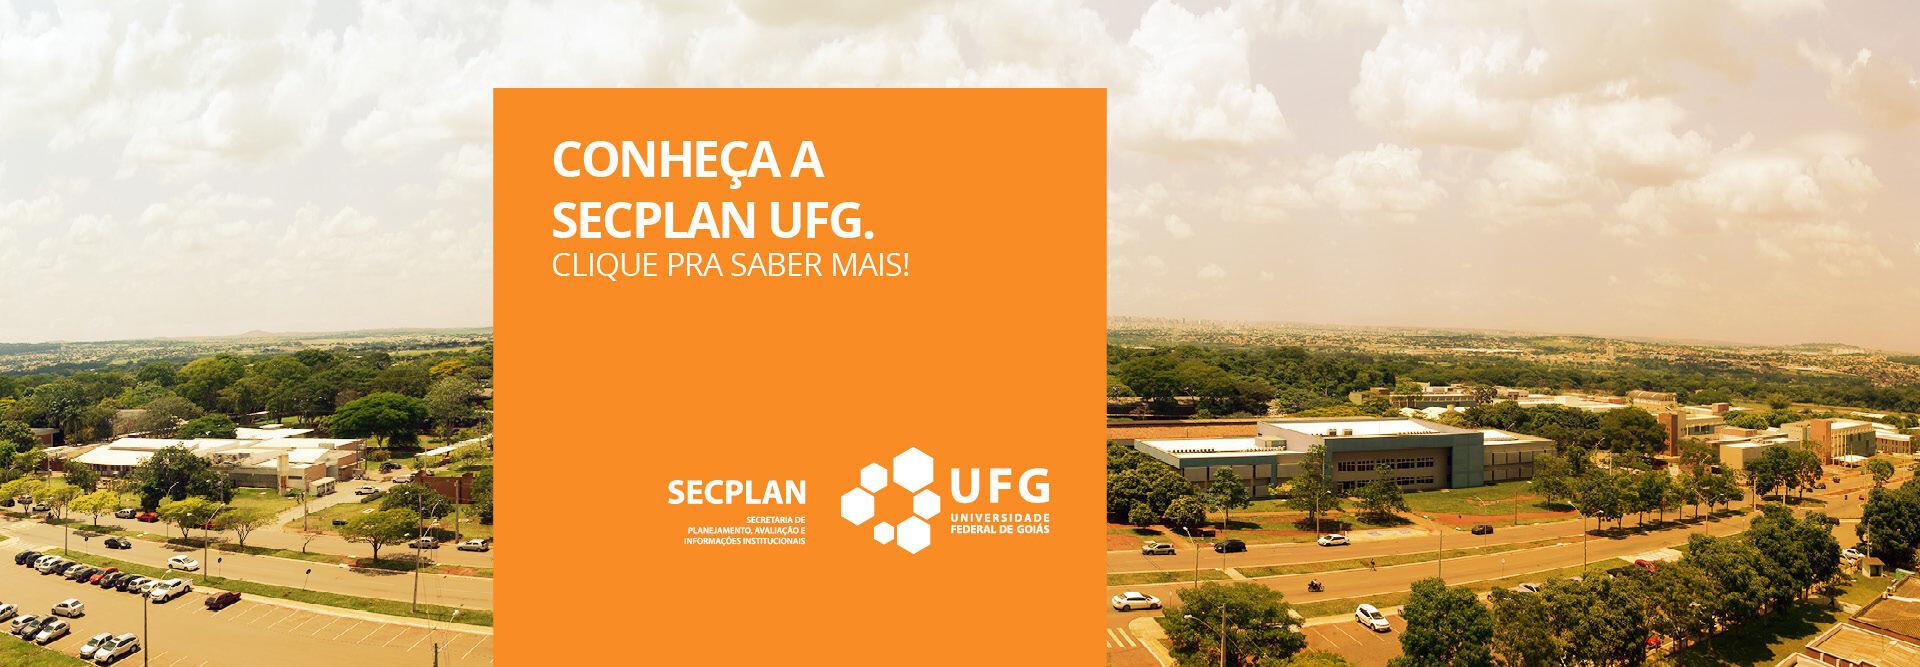 Banner contendo os dizeres: Conheça a SECPLAN UFG. Clique pra saber mais! Logotipo SECPLAN/ UFG.